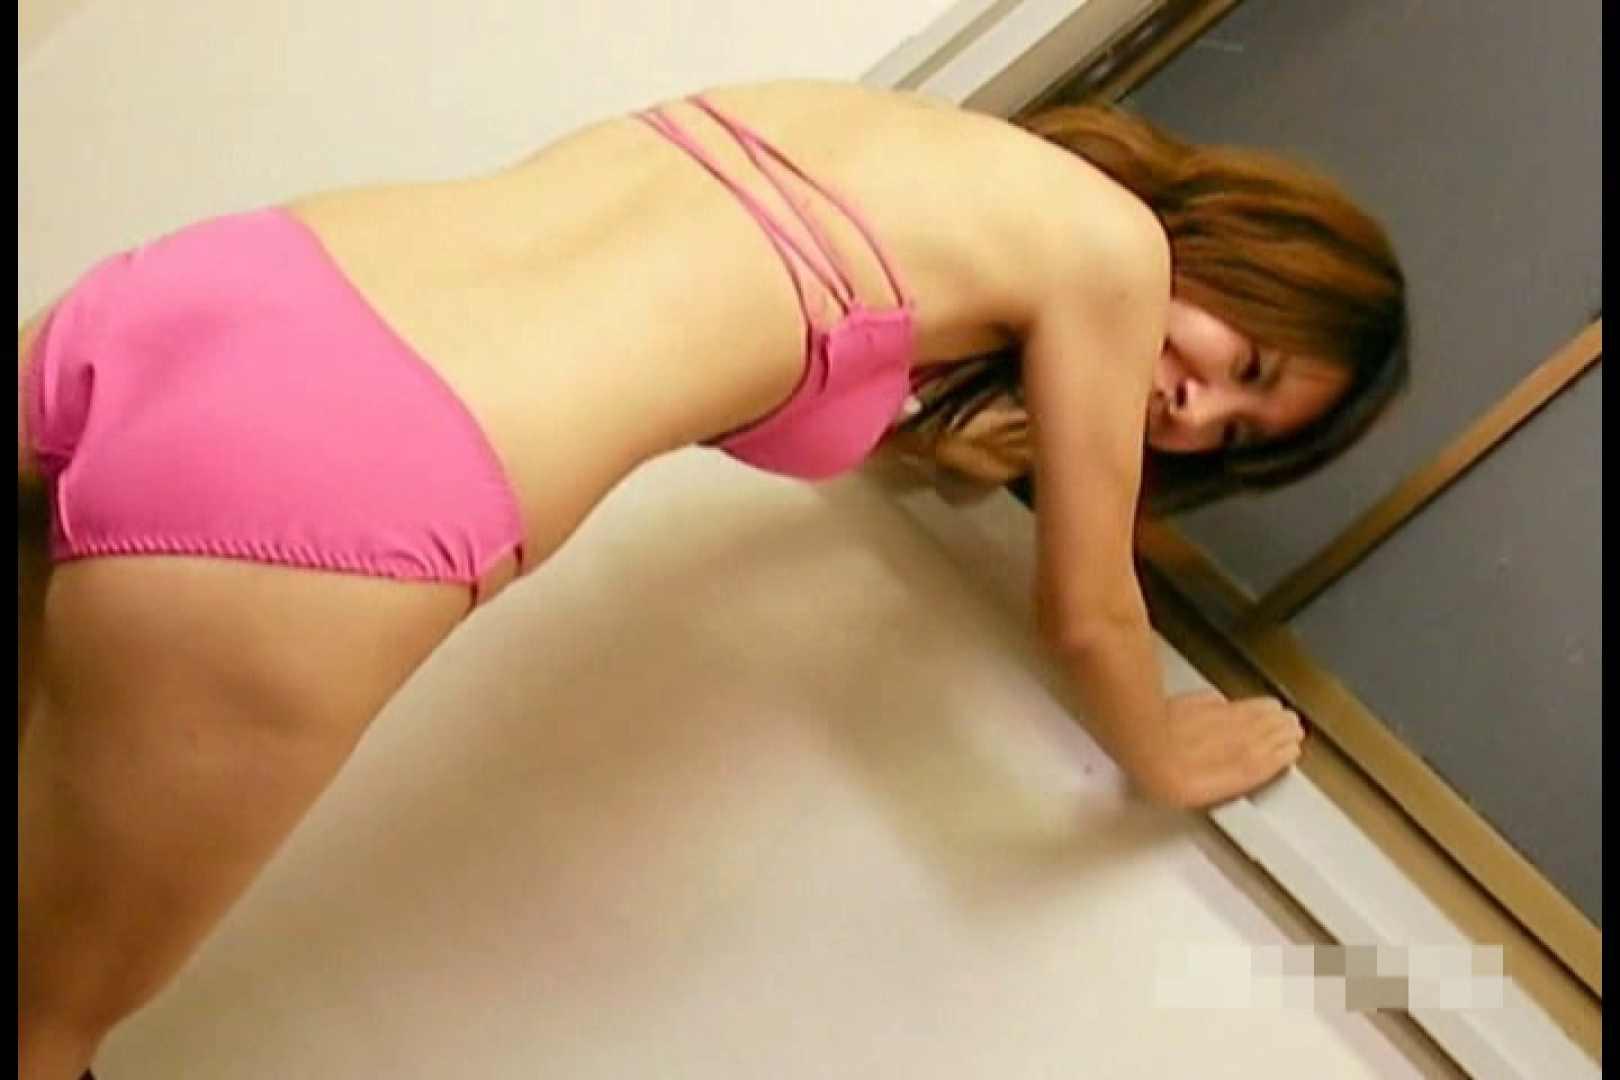 素人撮影 下着だけの撮影のはずが・・・まり25歳 下着 | 素人  104pic 91